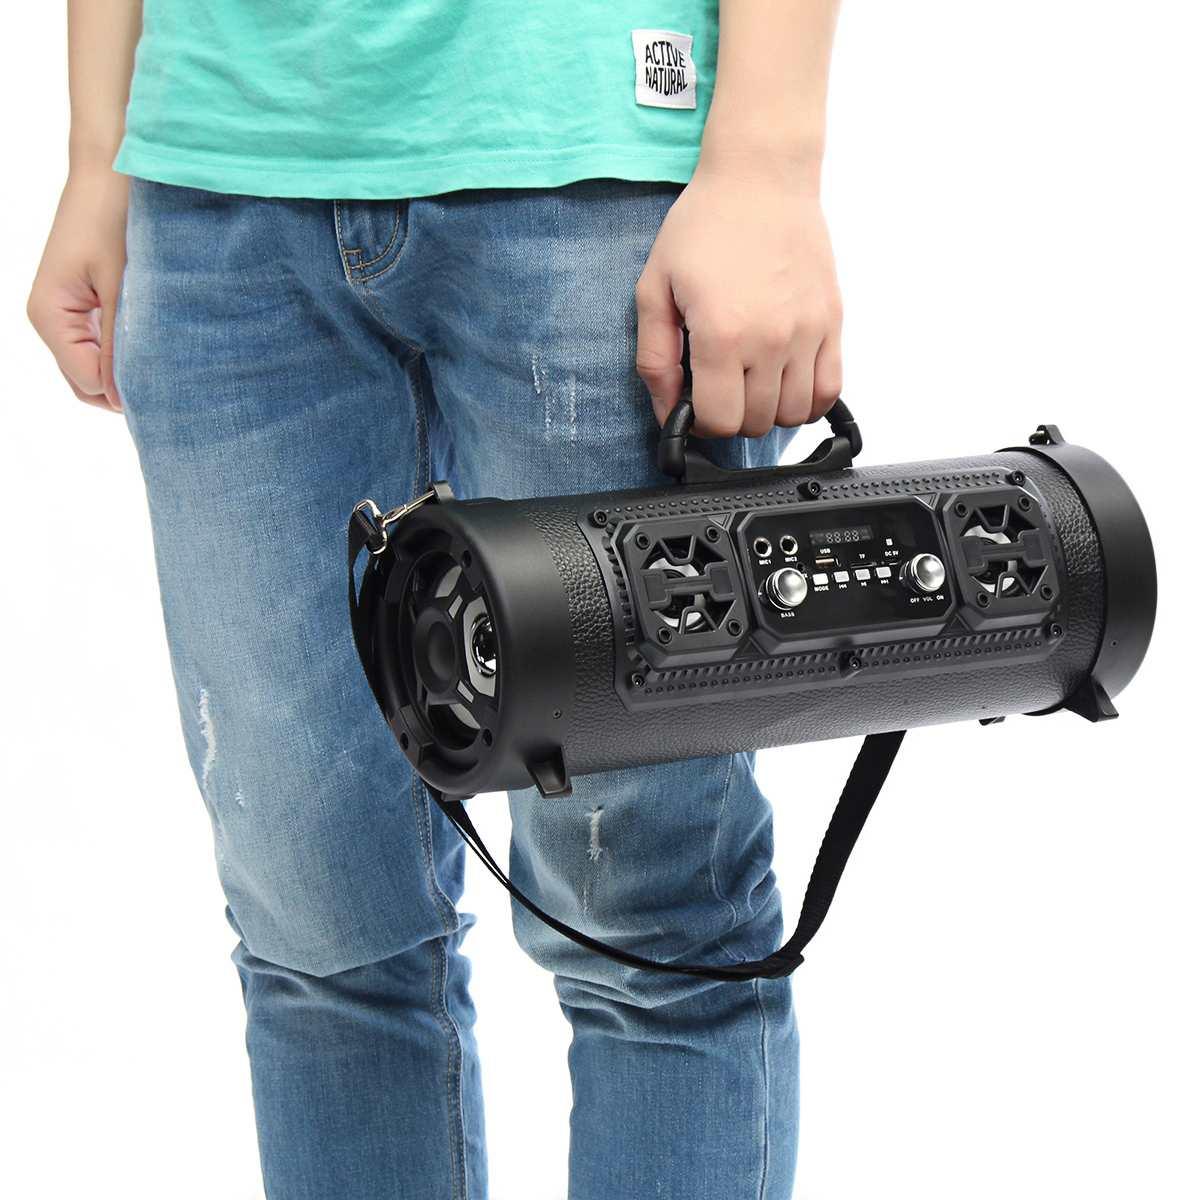 HIFI bluetooth sans fil Haut-Parleur subwoofer externe haut-parleur usb AUX radio fm tf enceinte stéréo Basse MP3 Lecteur Musique Barre De Son